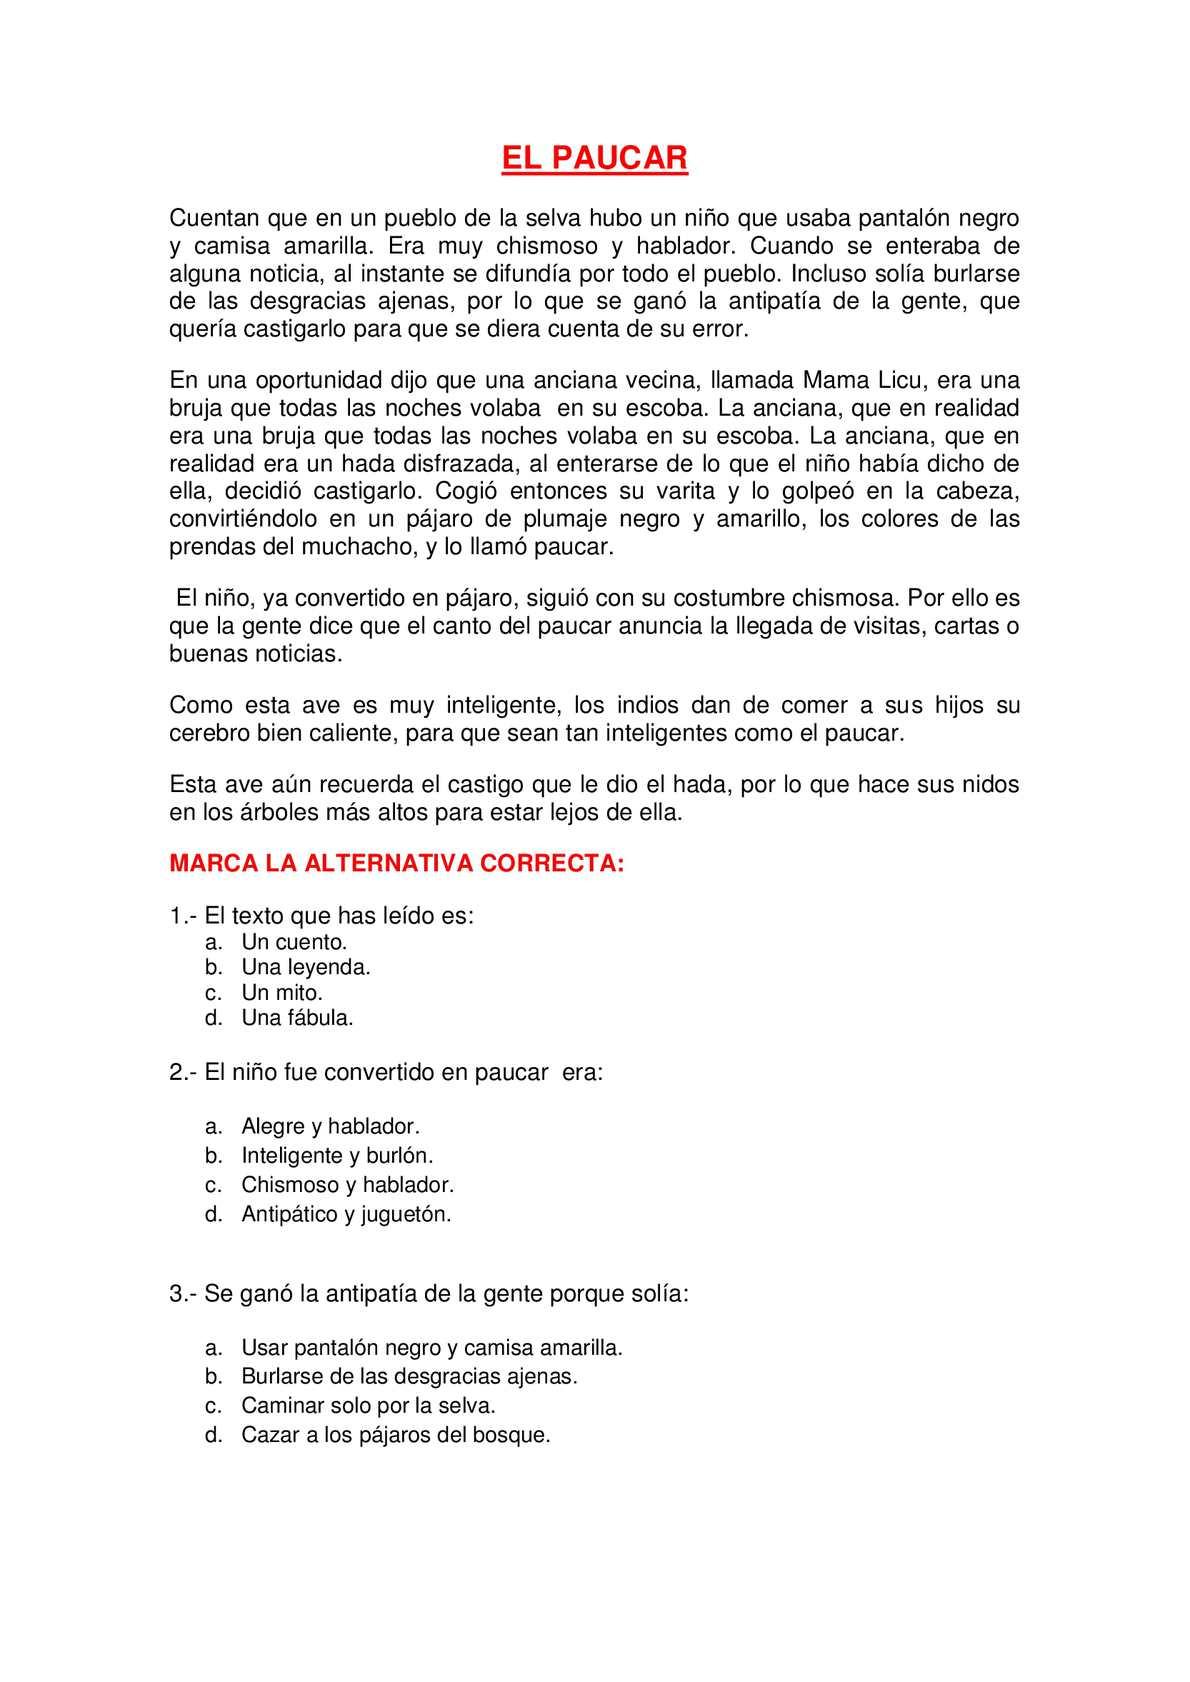 Calamo COMPRENSIN LECTORA EL PAUCAR